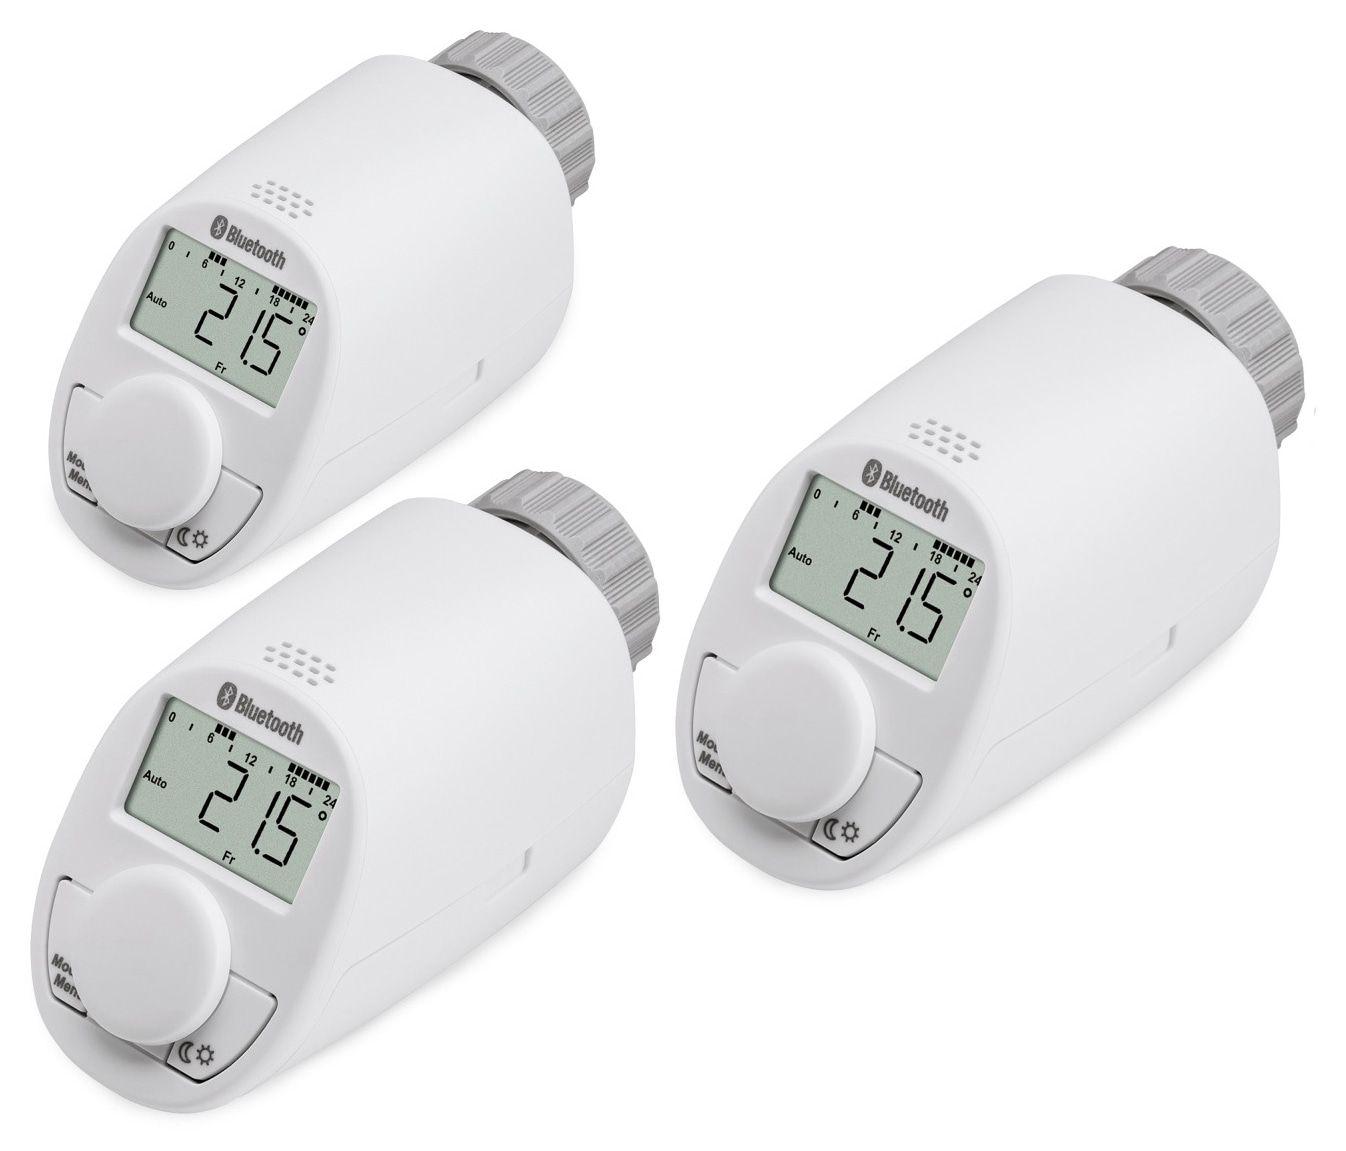 heizk rper thermostatkopf eqiva mit bluetooth 3 st ck online kaufen. Black Bedroom Furniture Sets. Home Design Ideas